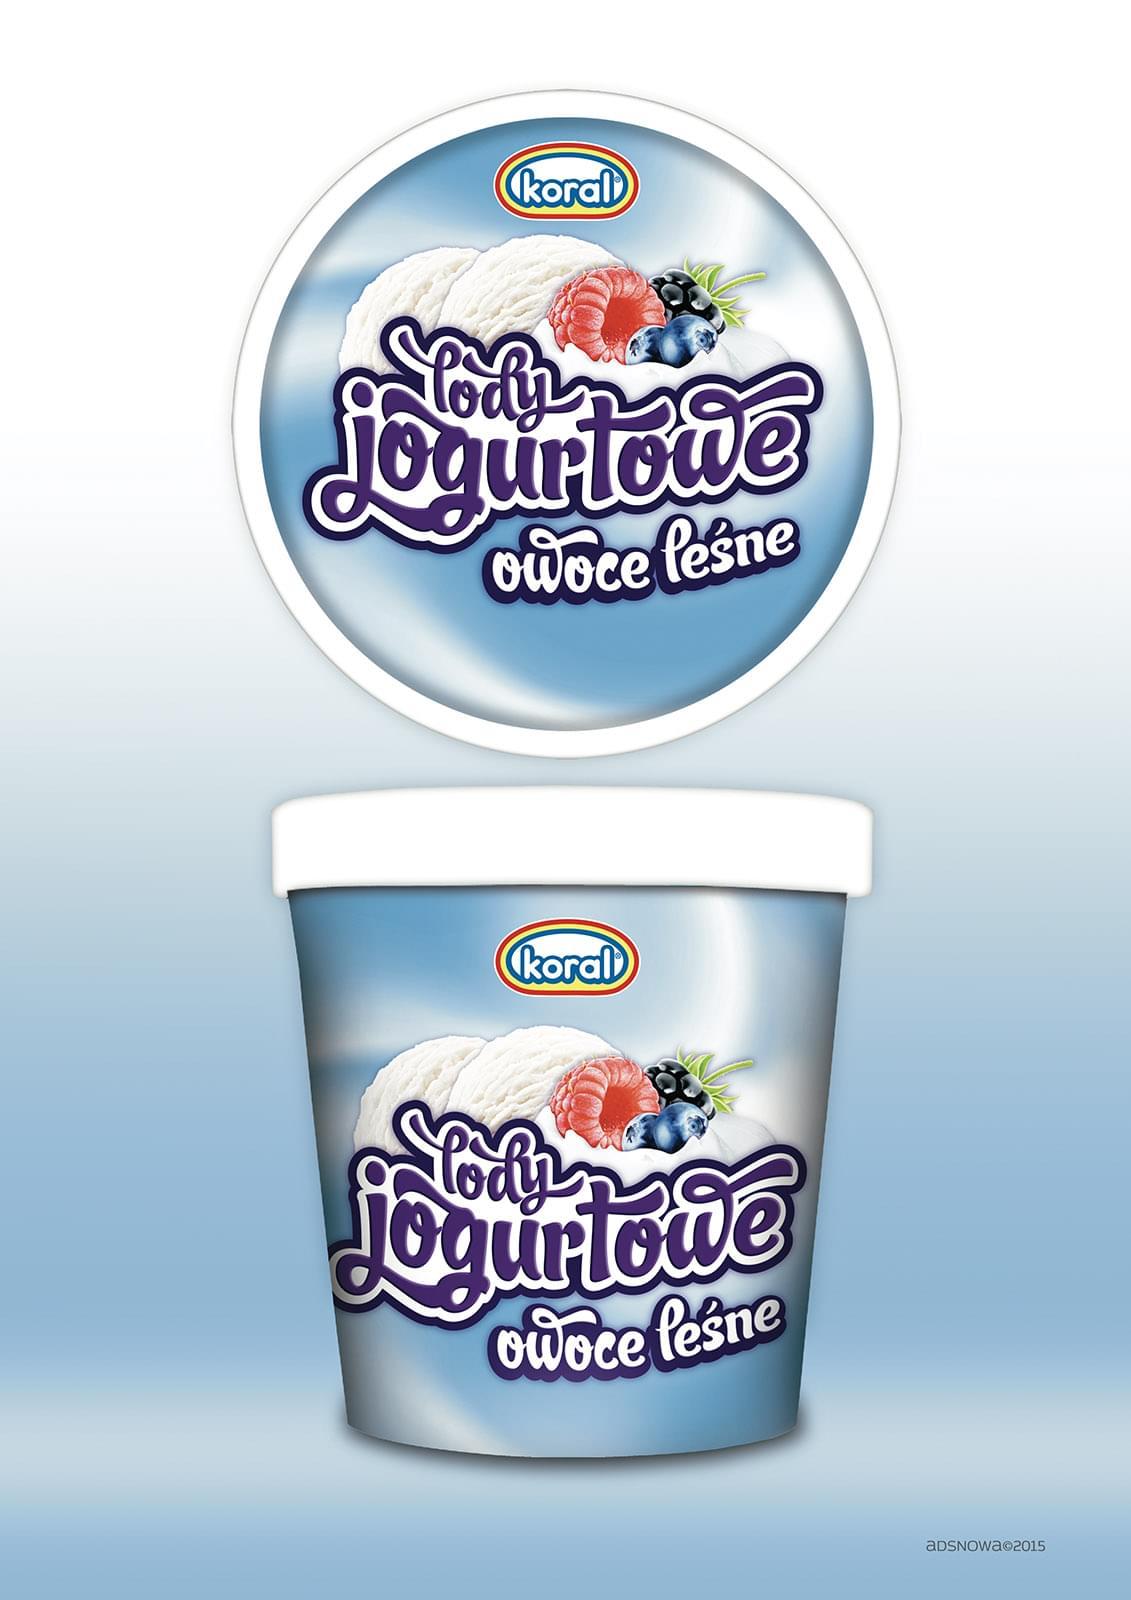 KORAL_jogurtowe_propozycja.min